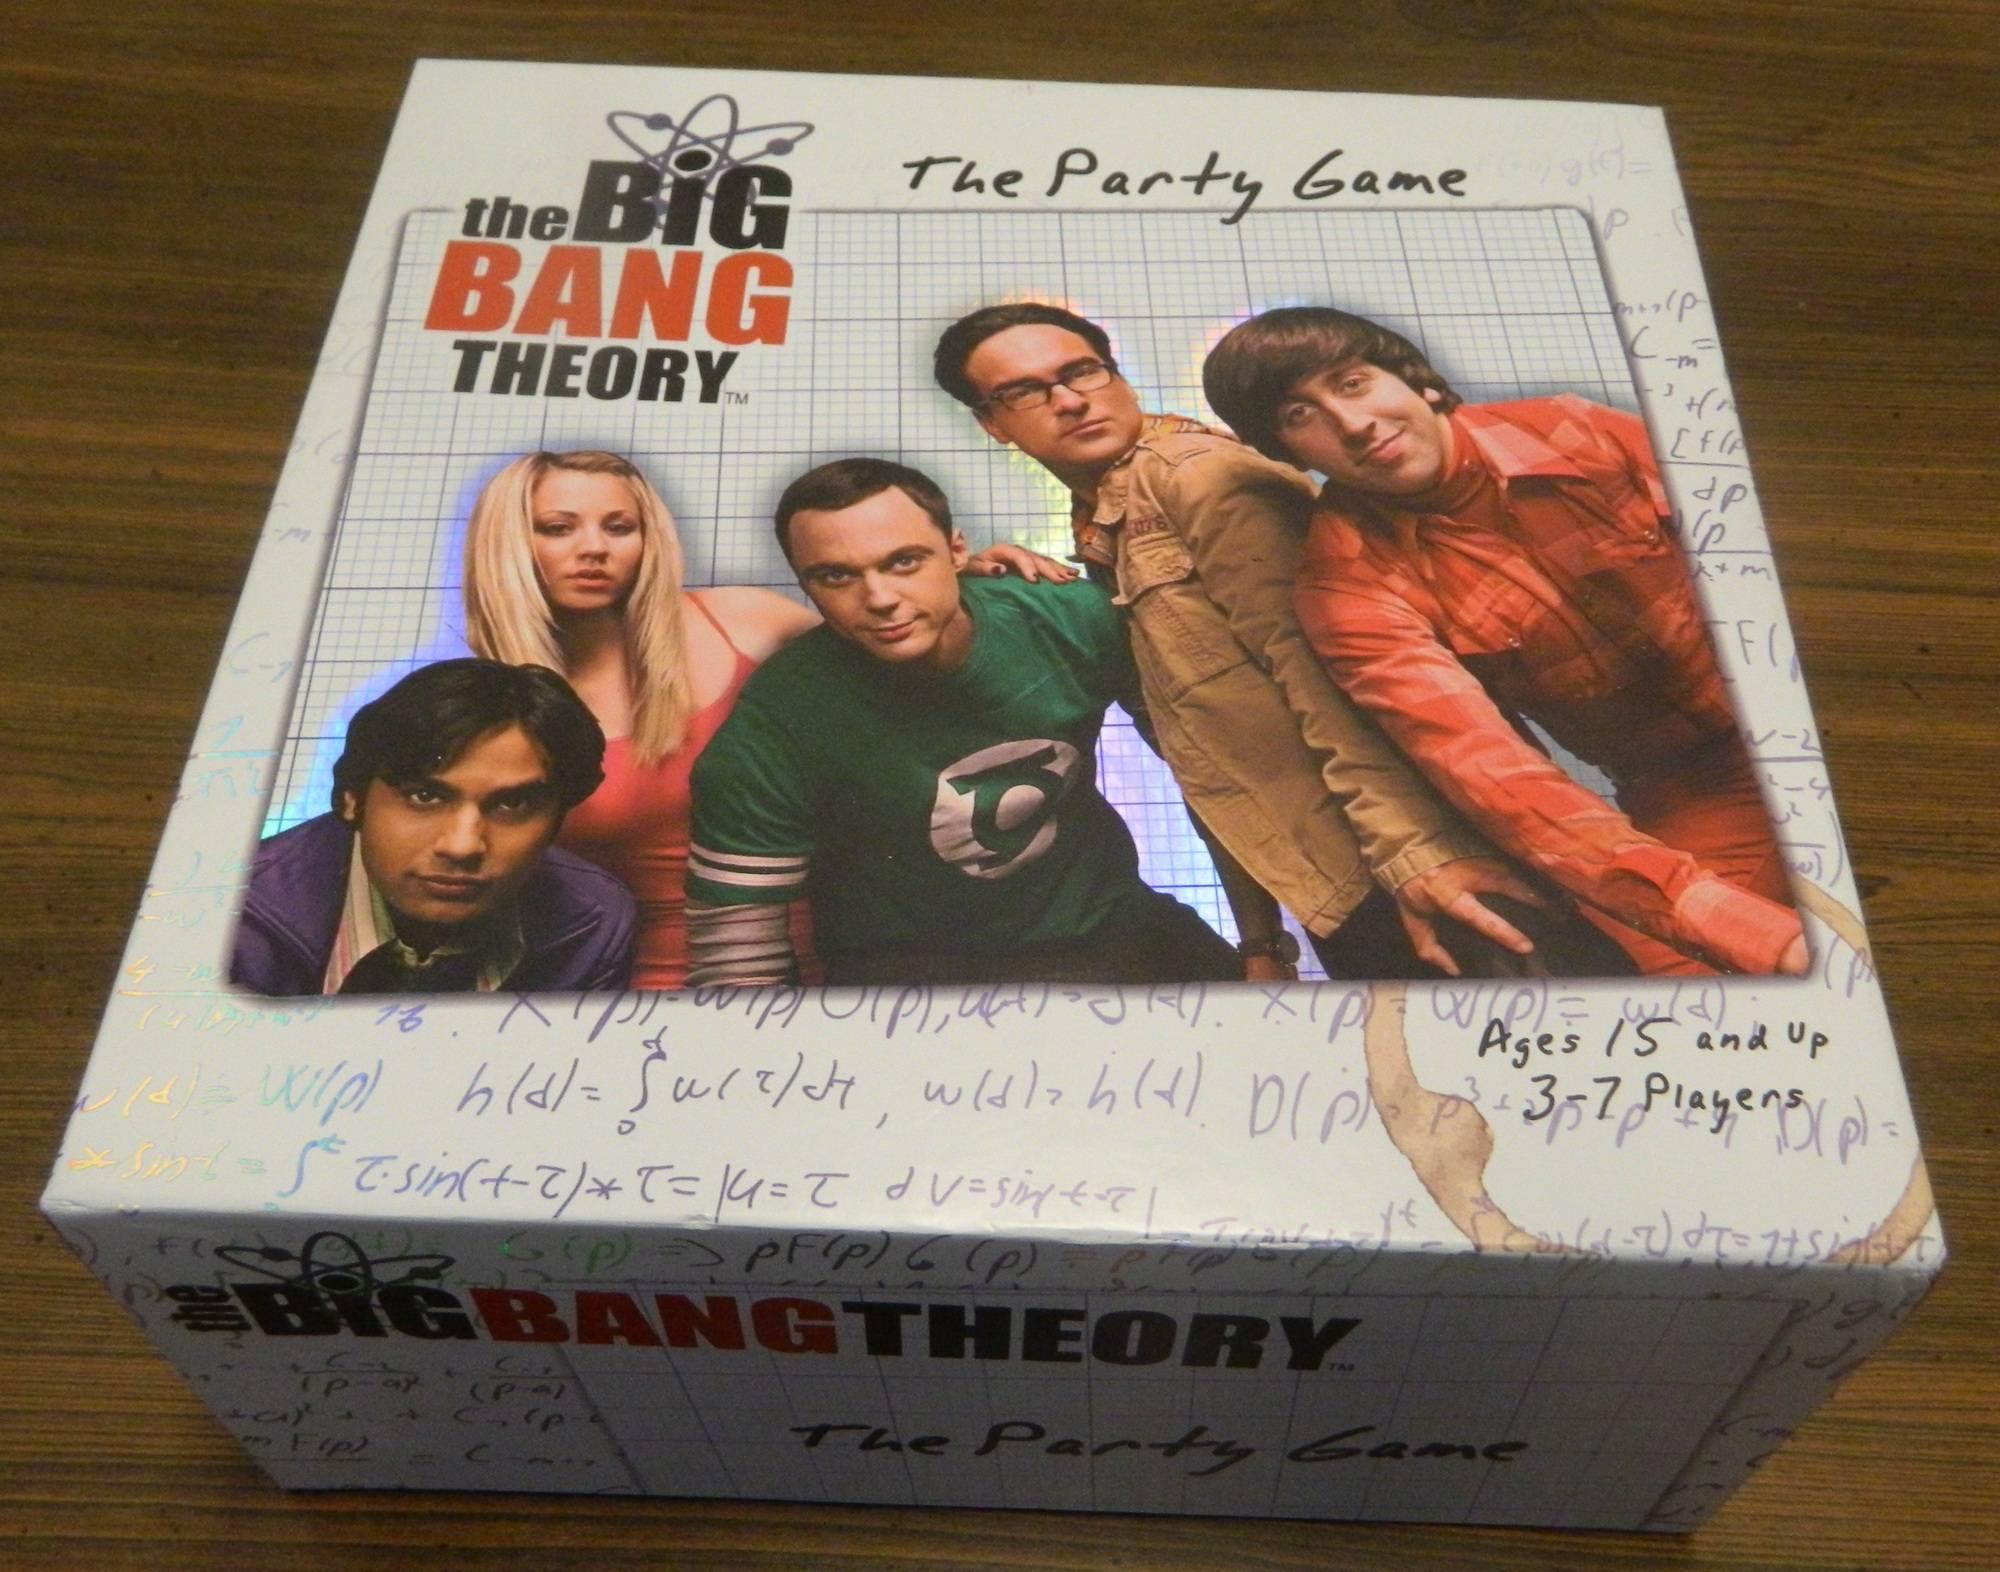 Big Bang Theory Party Game Box